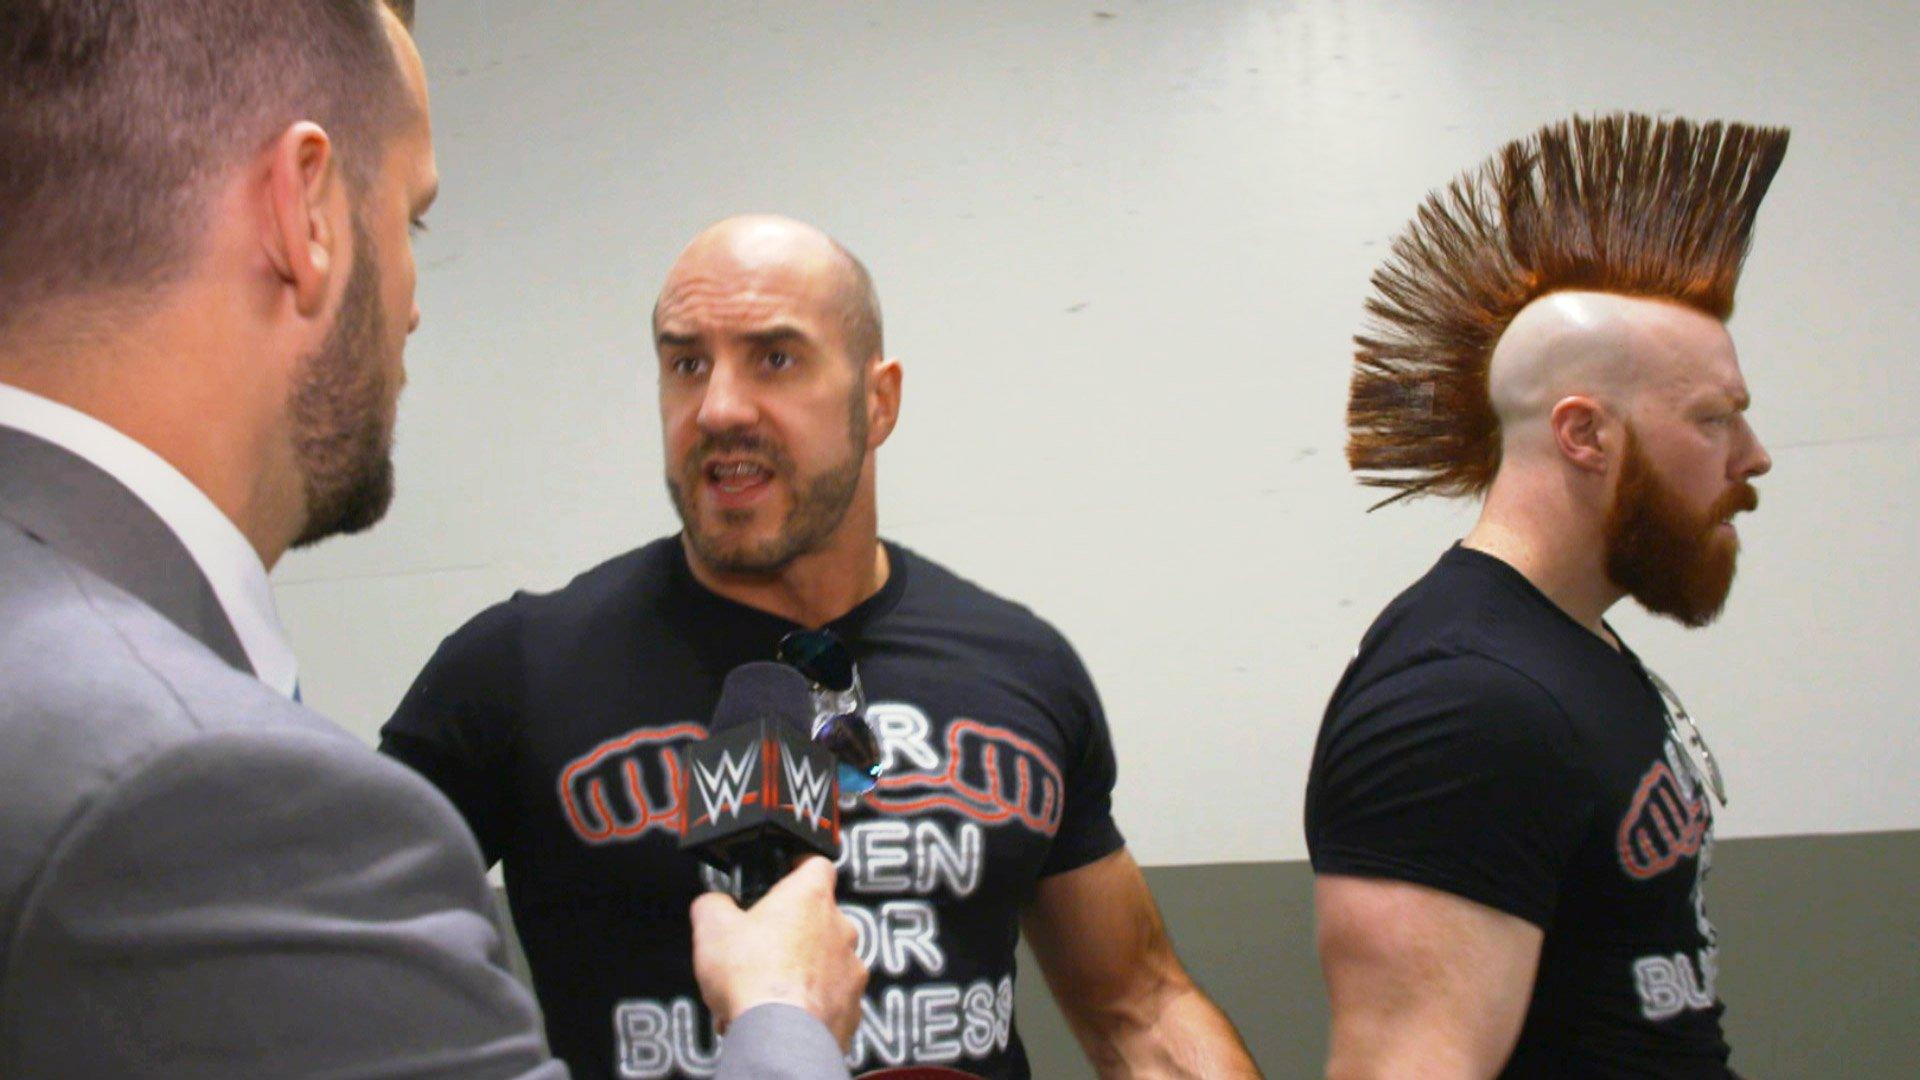 Cesaro & Sheamus ne réalisent pas la victoire de Braun Strowman dans cette bataille royale: Exclusivité WWE.fr, 12 Mars 2018.